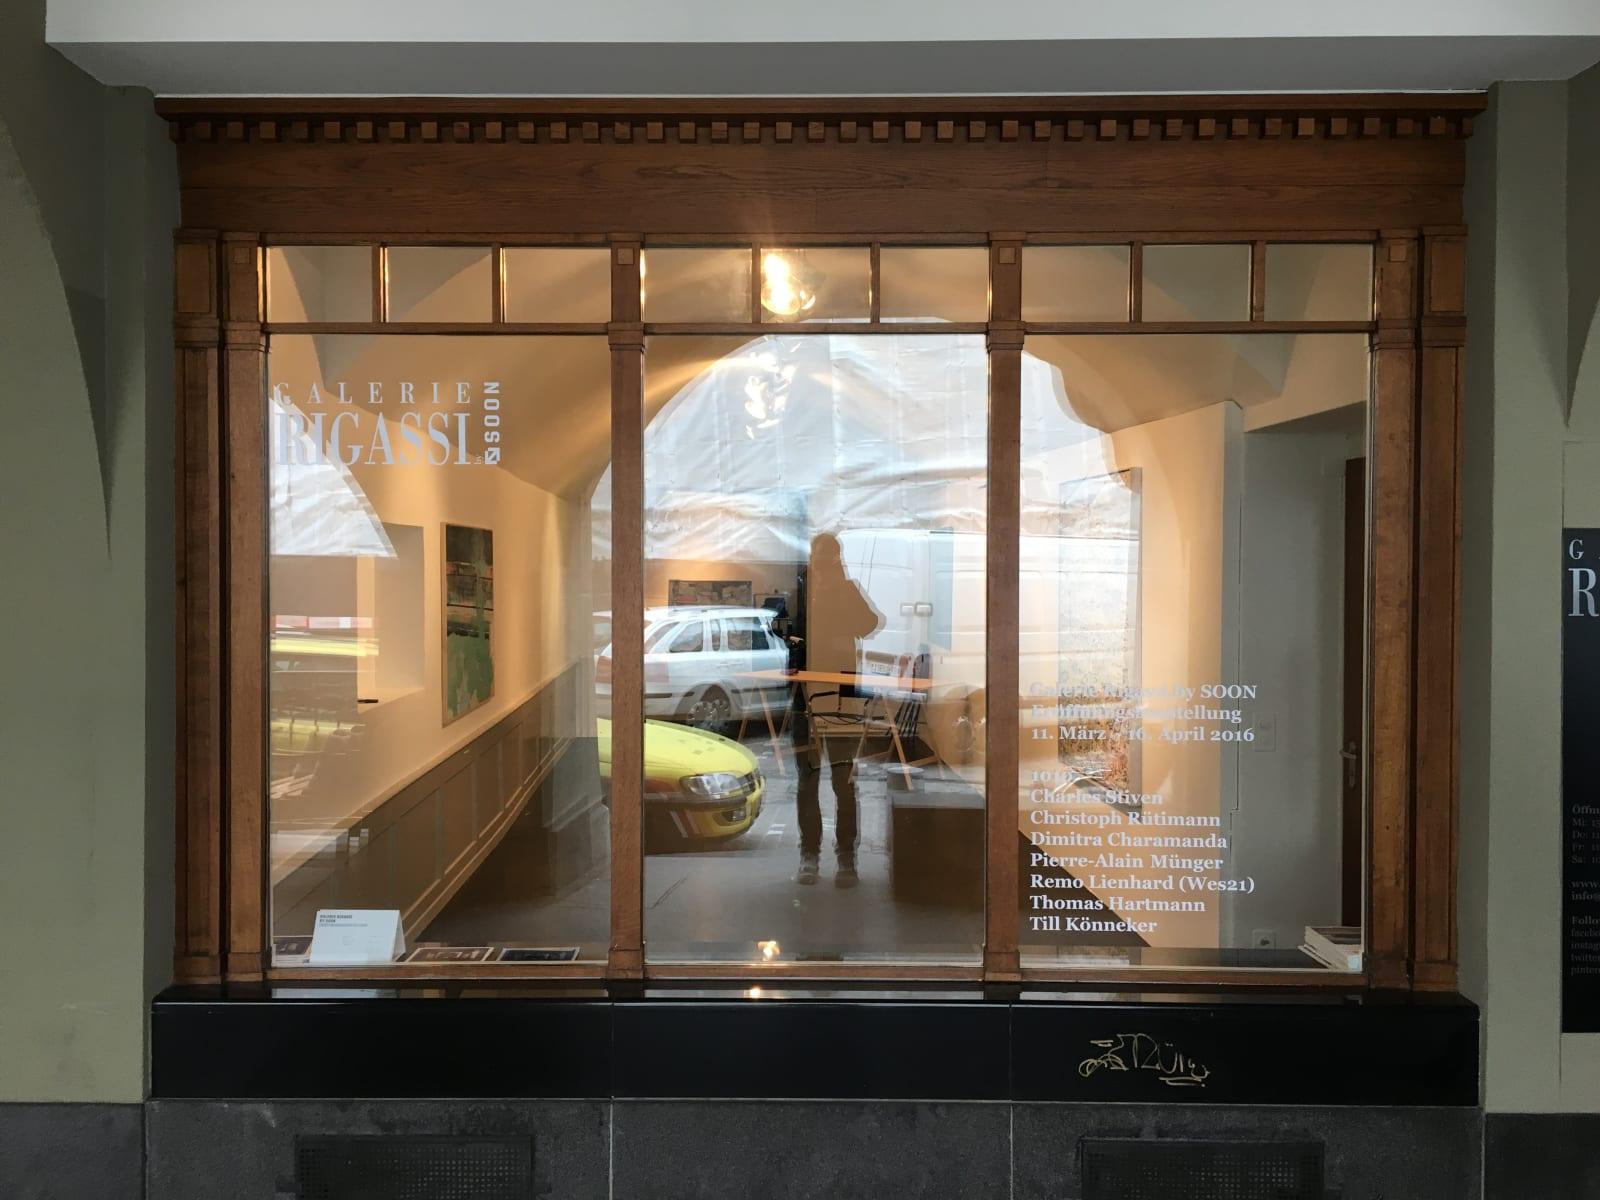 Galerie Rigassi by SOON – Eröffnungsausstellung